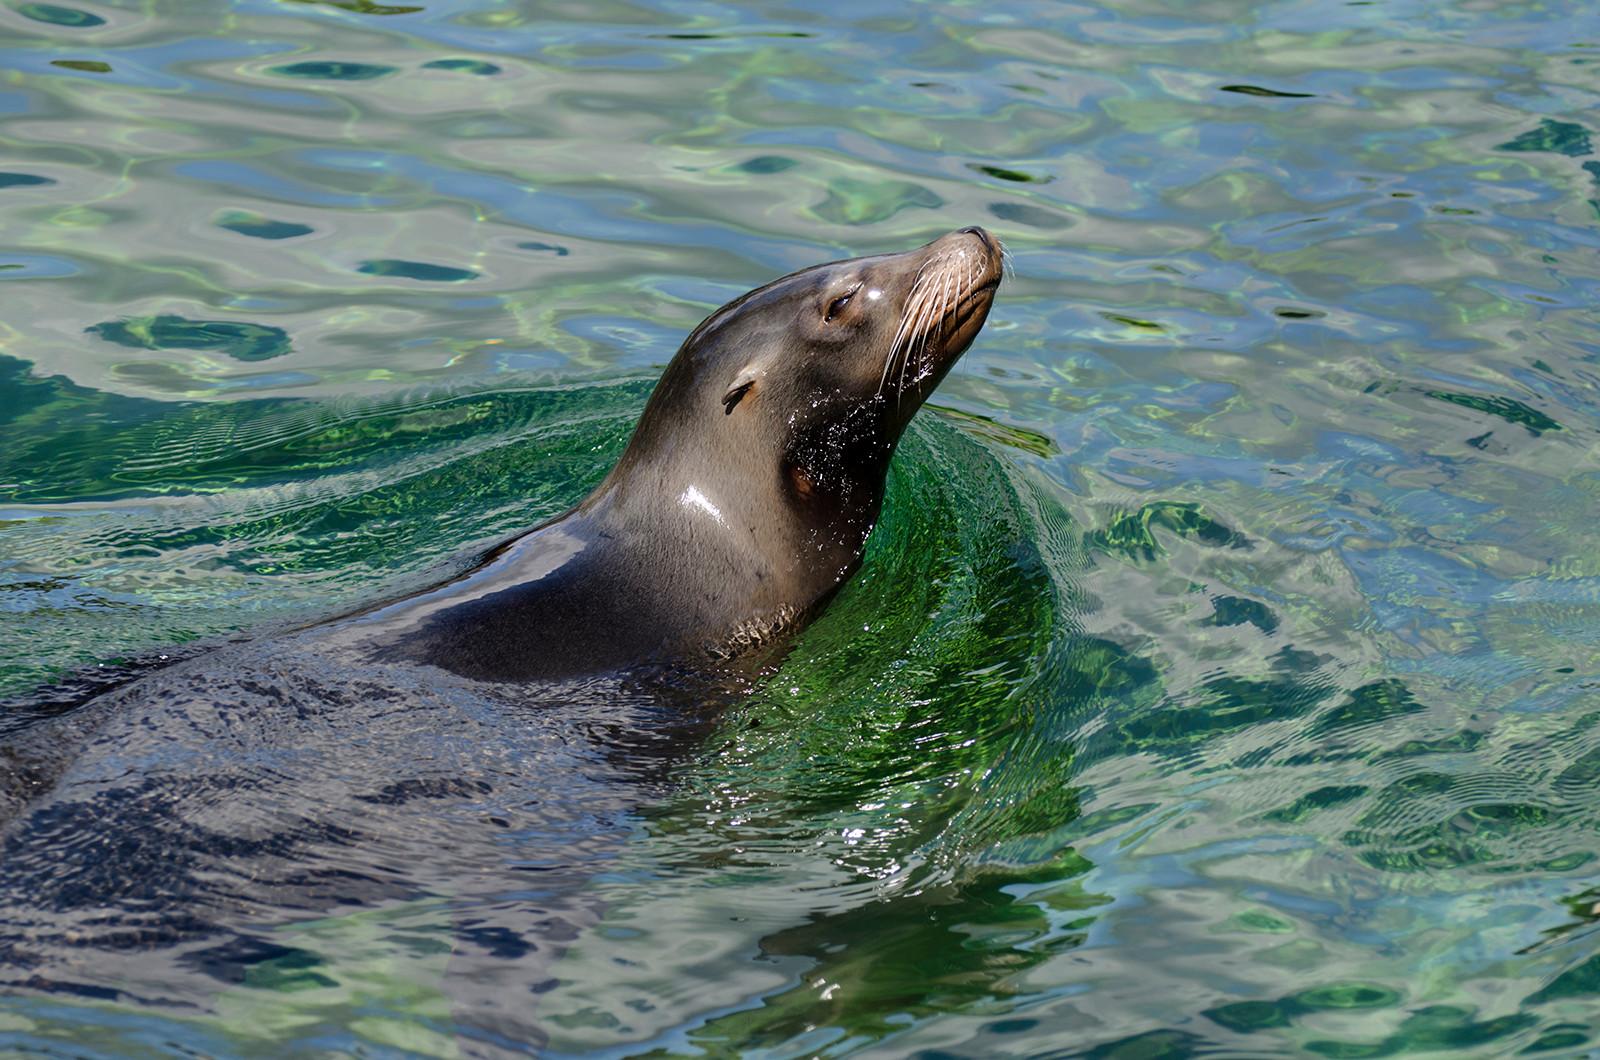 PDI - Sea Lion by Mary Harkin (9 marks)